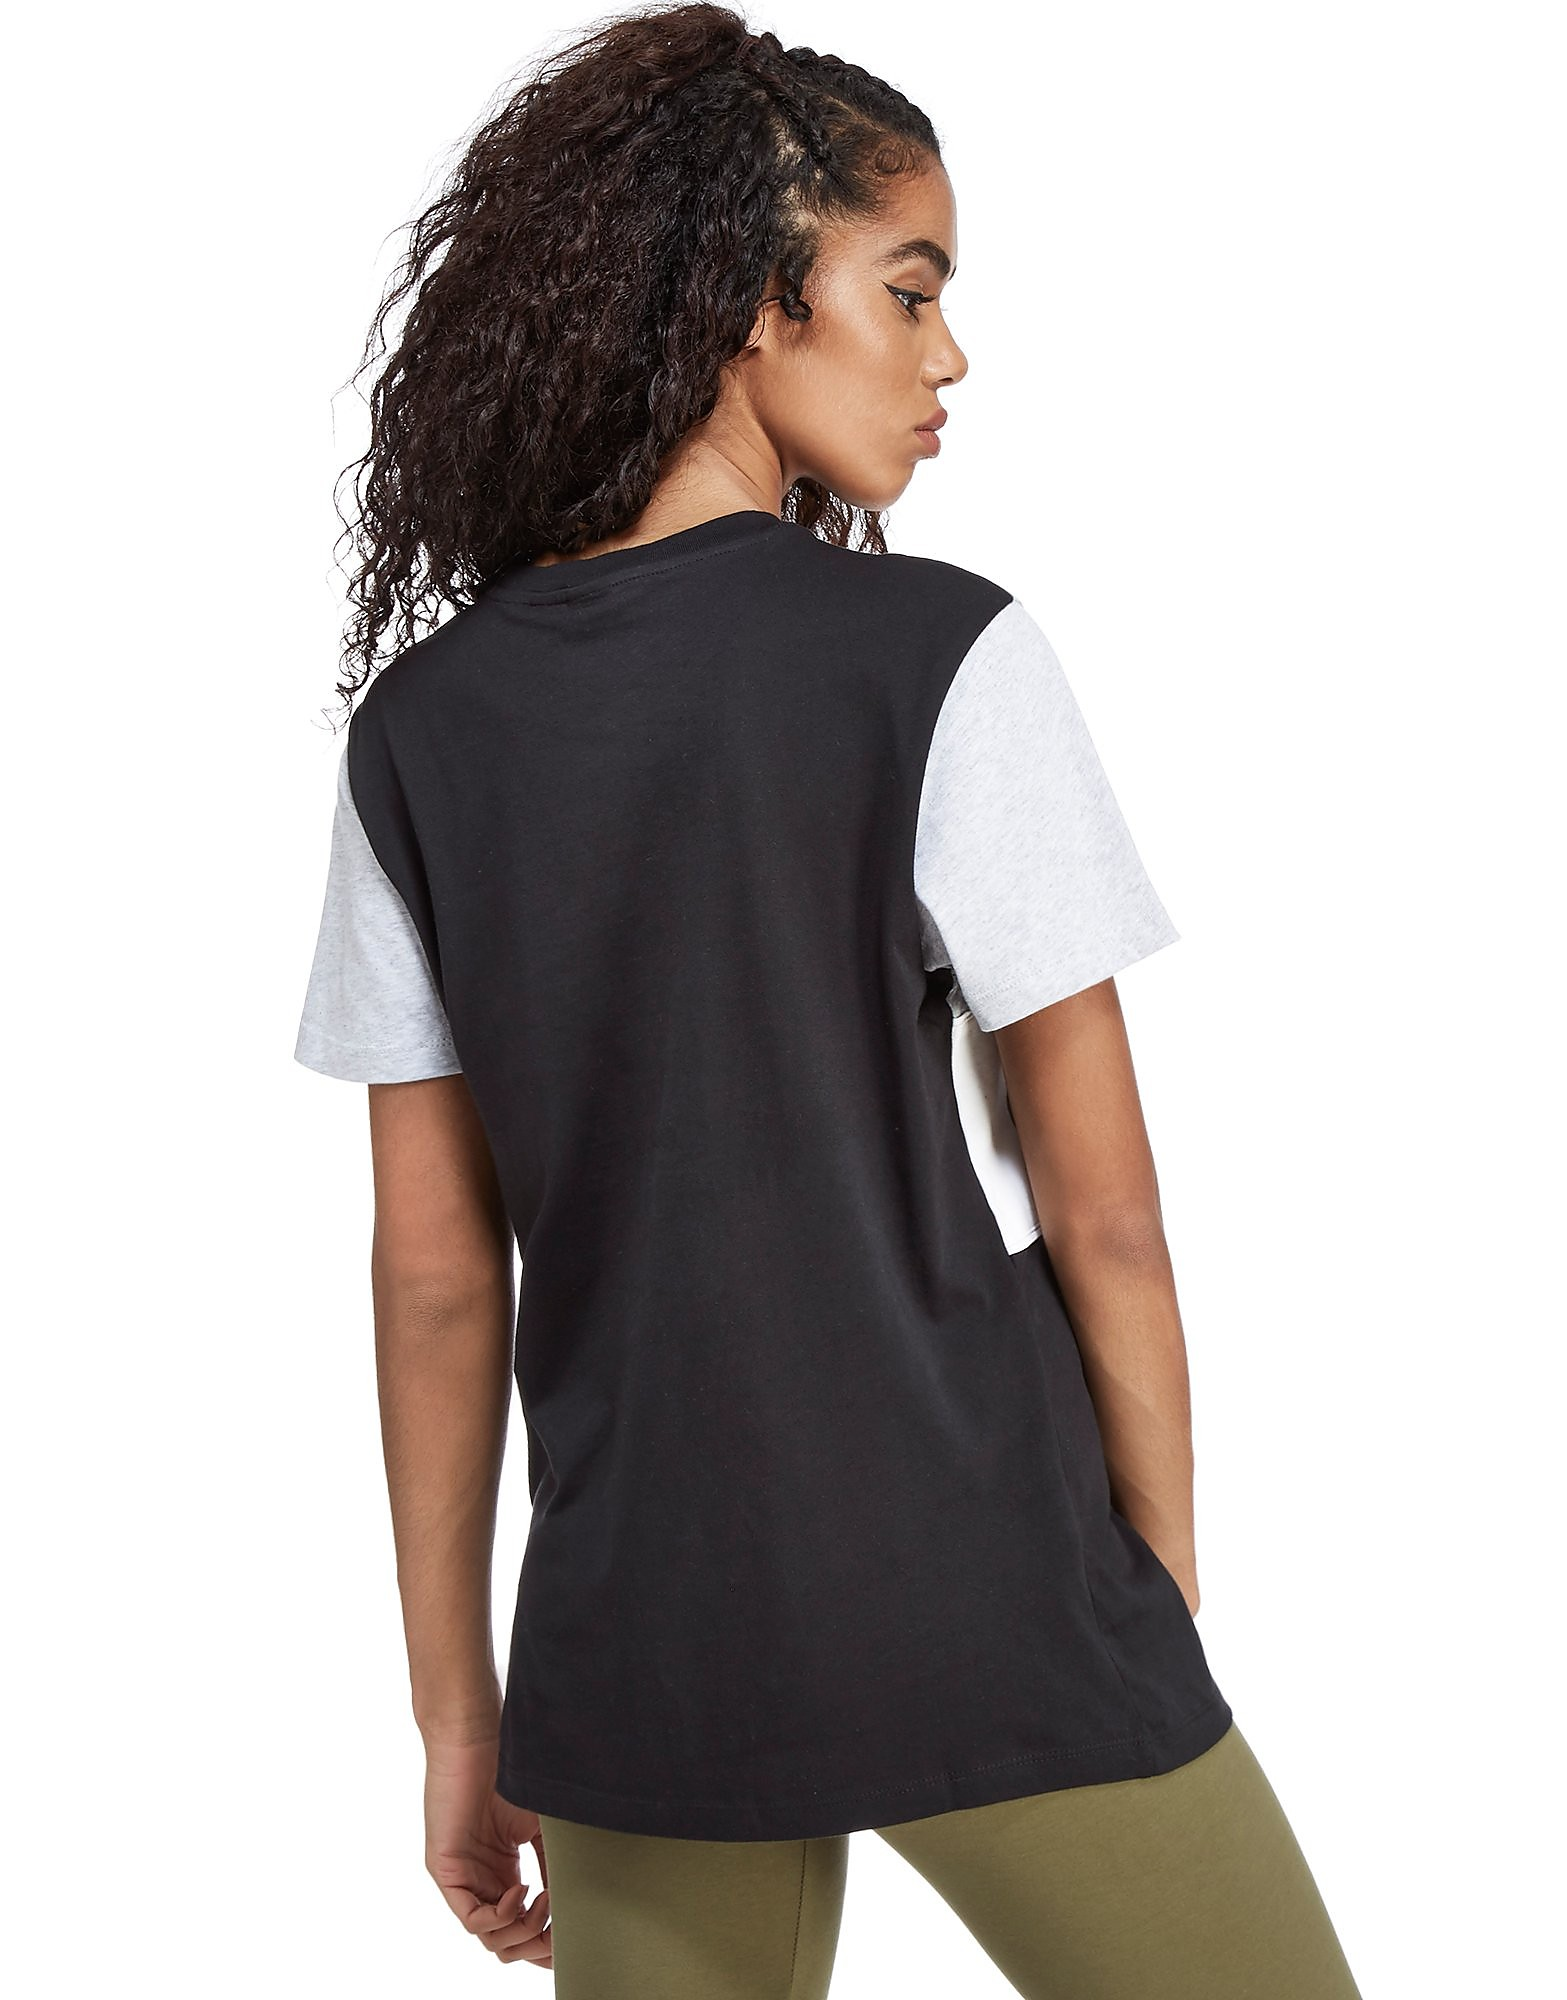 adidas Originals Authentic T-Shirt